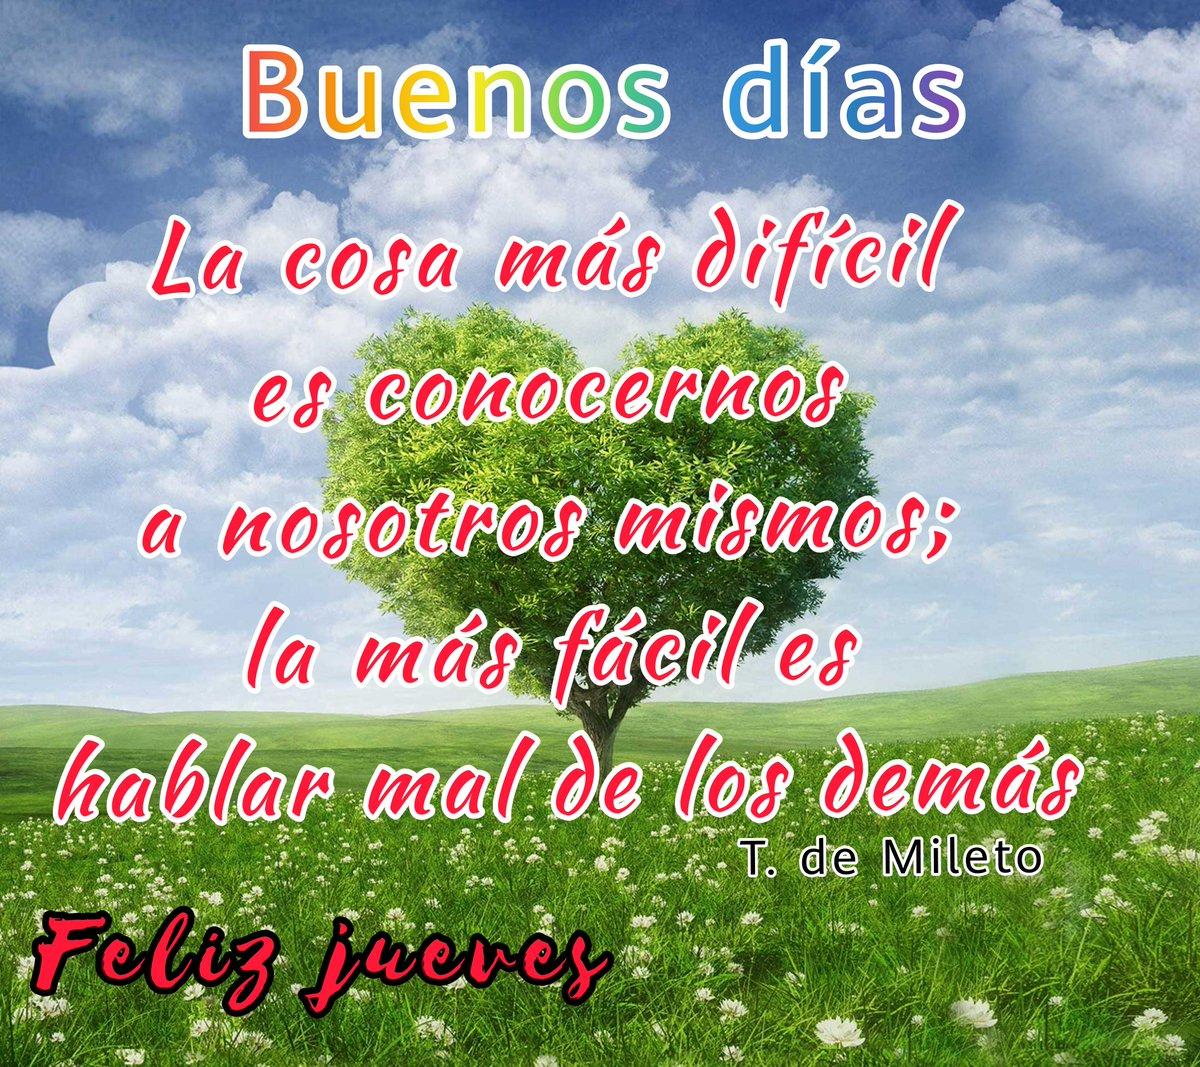 @luismerlo_actor Buenos días y que frase tan certera y hermosa. #FelizJueves